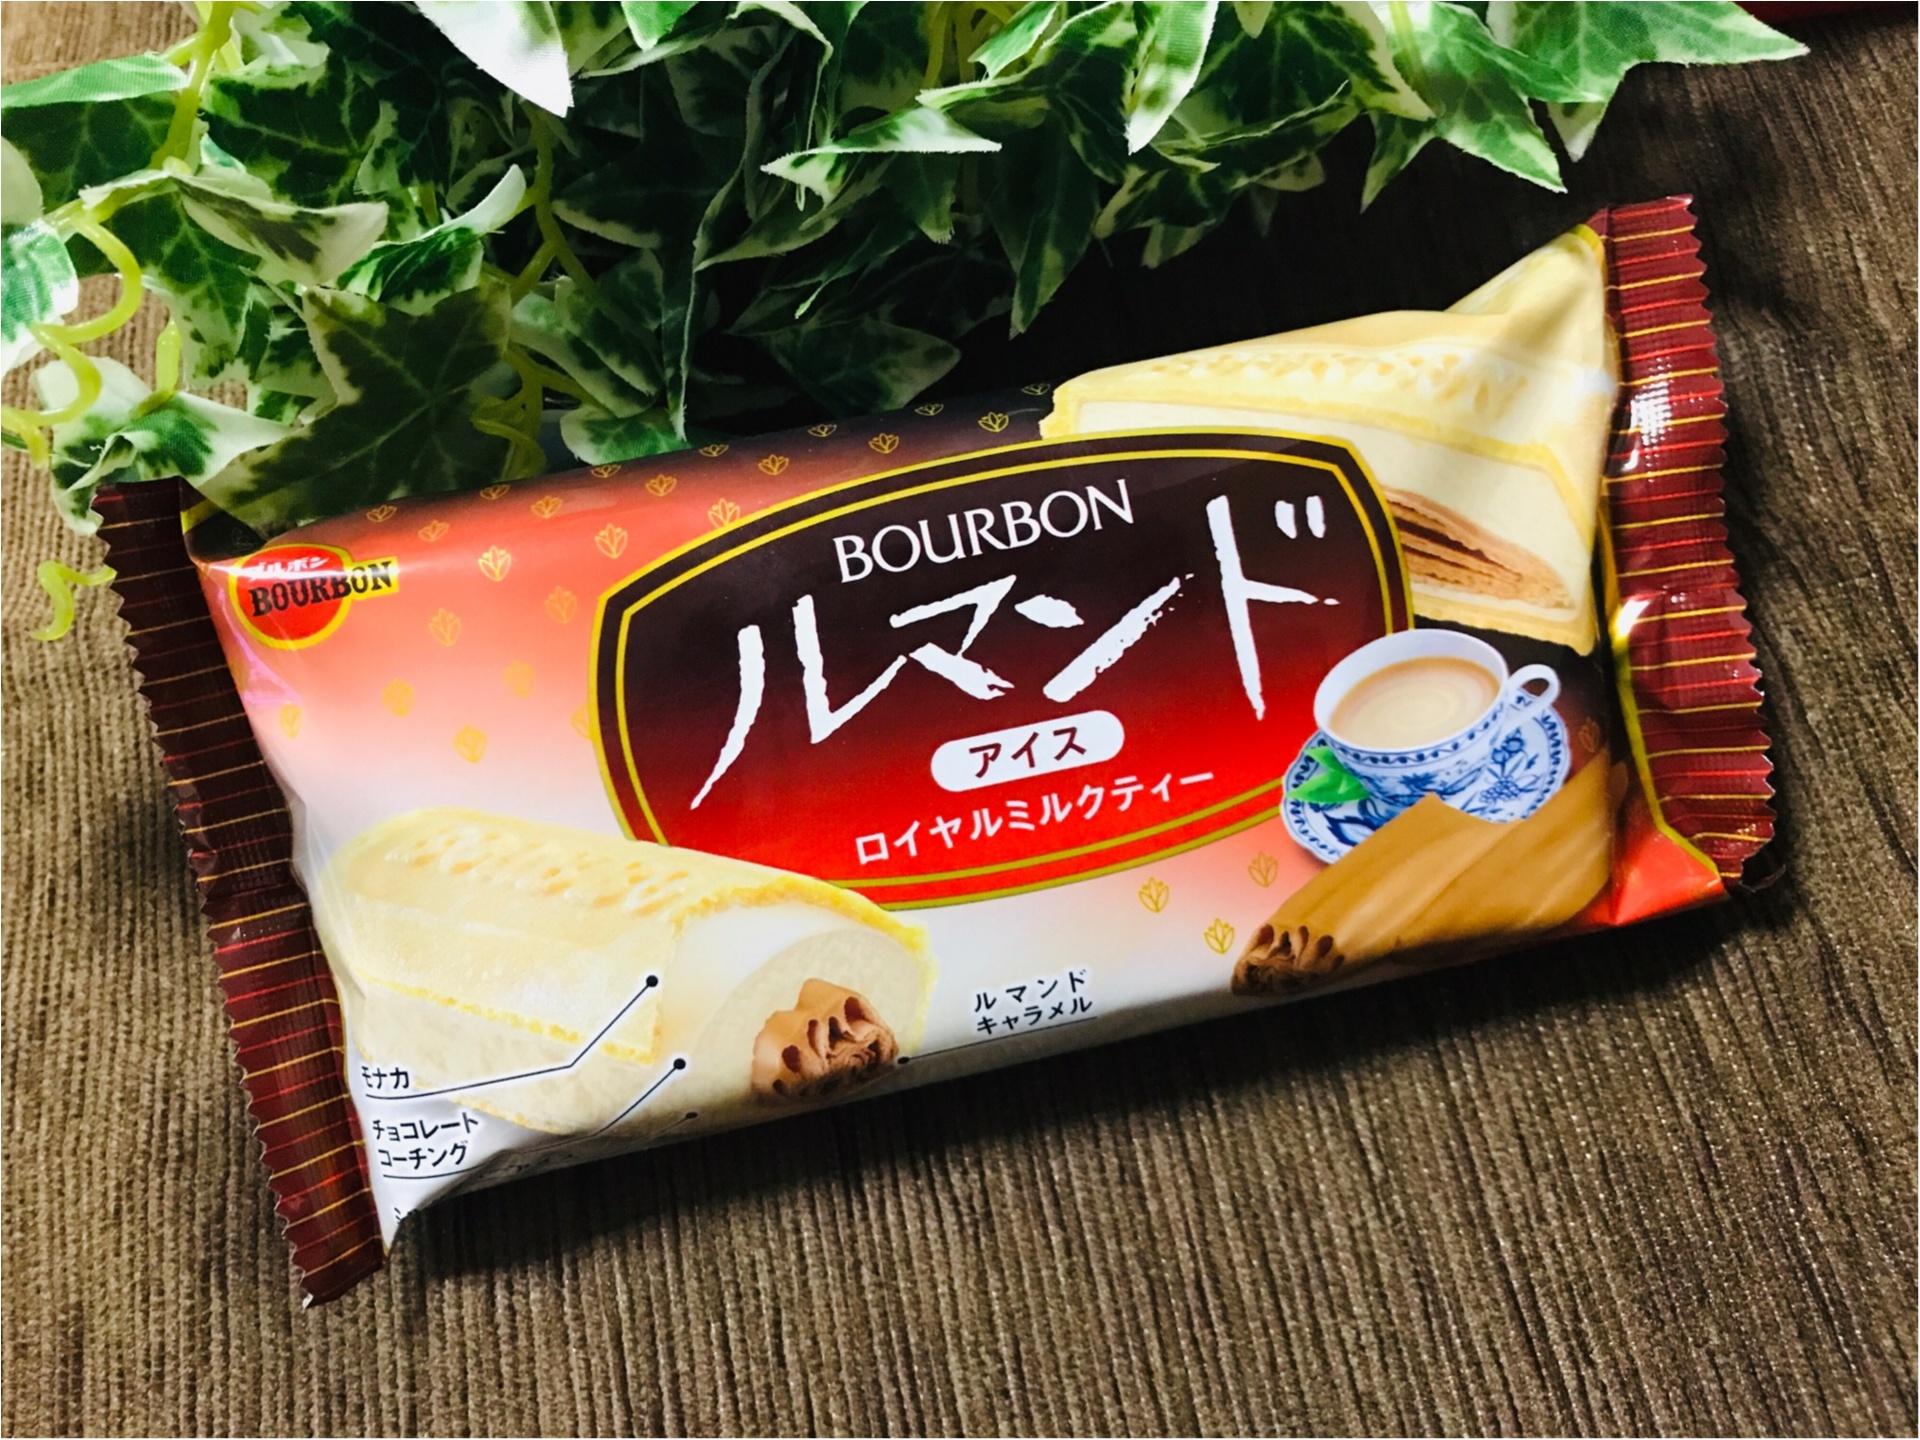 【ルマンドアイス】ついに関東に上陸!《ロイヤルミルクティ味》が前作超えの美味しさ❤︎_1